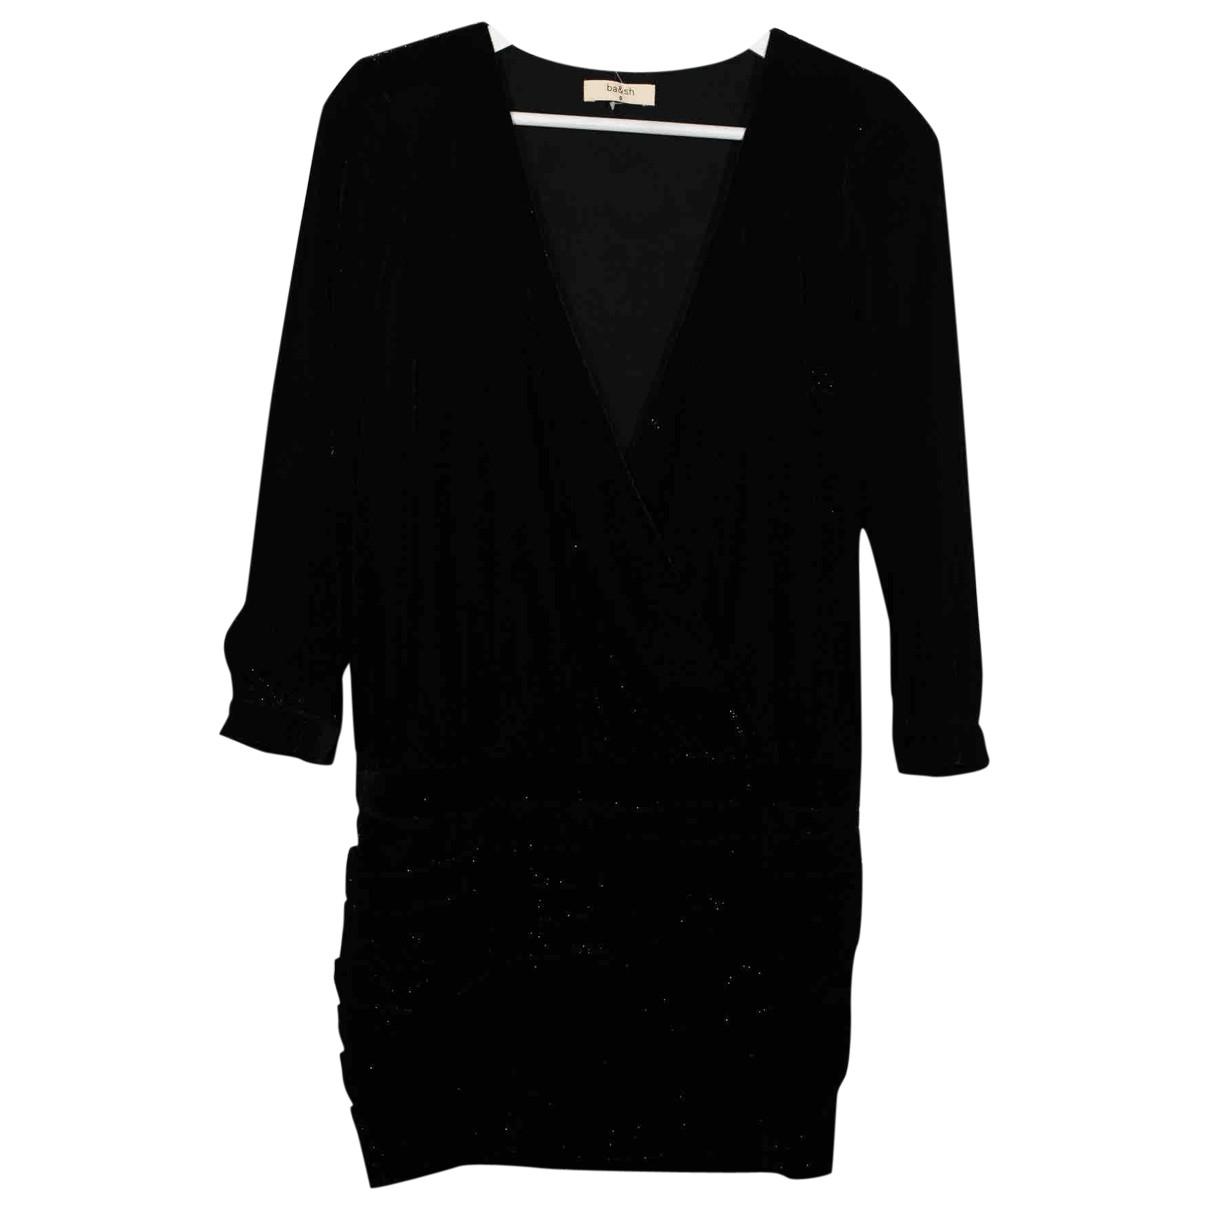 Ba&sh \N Black dress for Women 34 FR